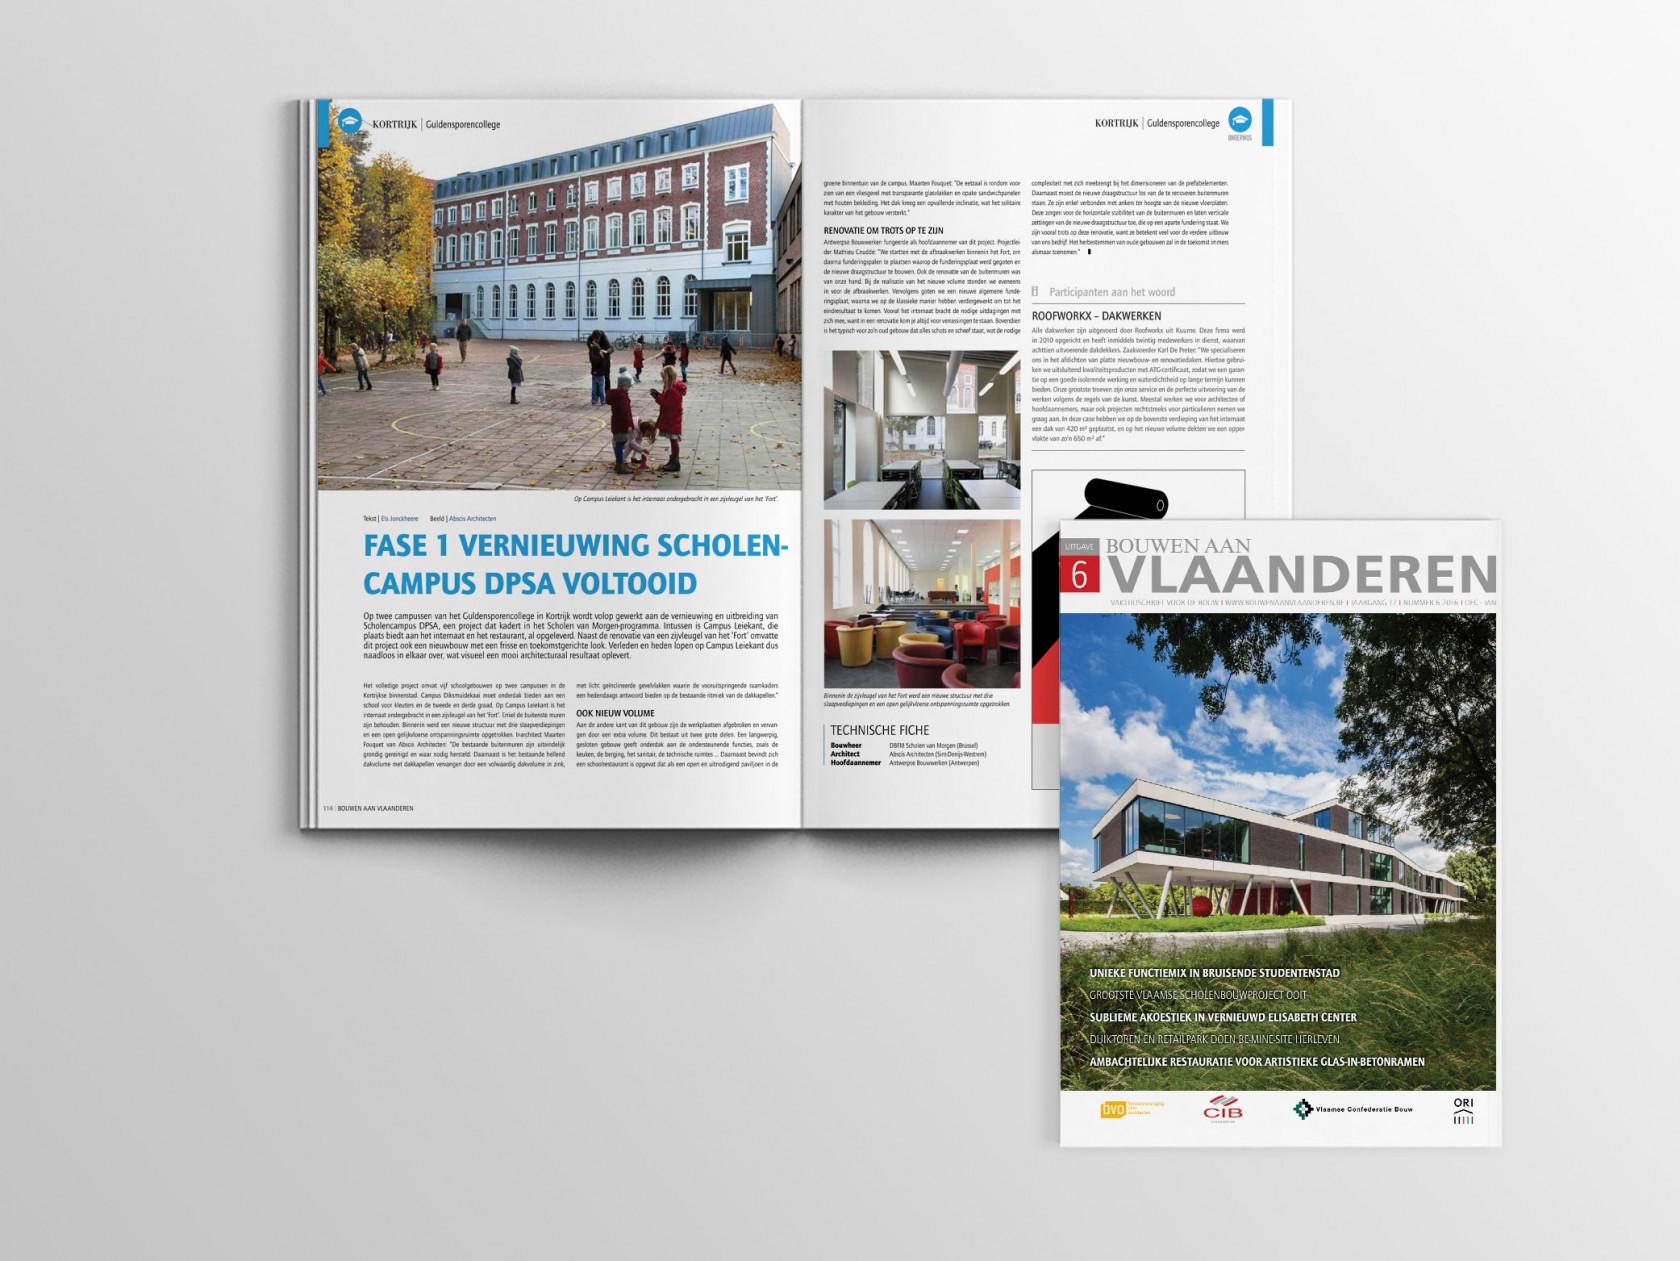 Abscis Architecten - Bouwen aan Vlaanderen - Fase 1 vernieuwing scholencampus DPSA voltooid